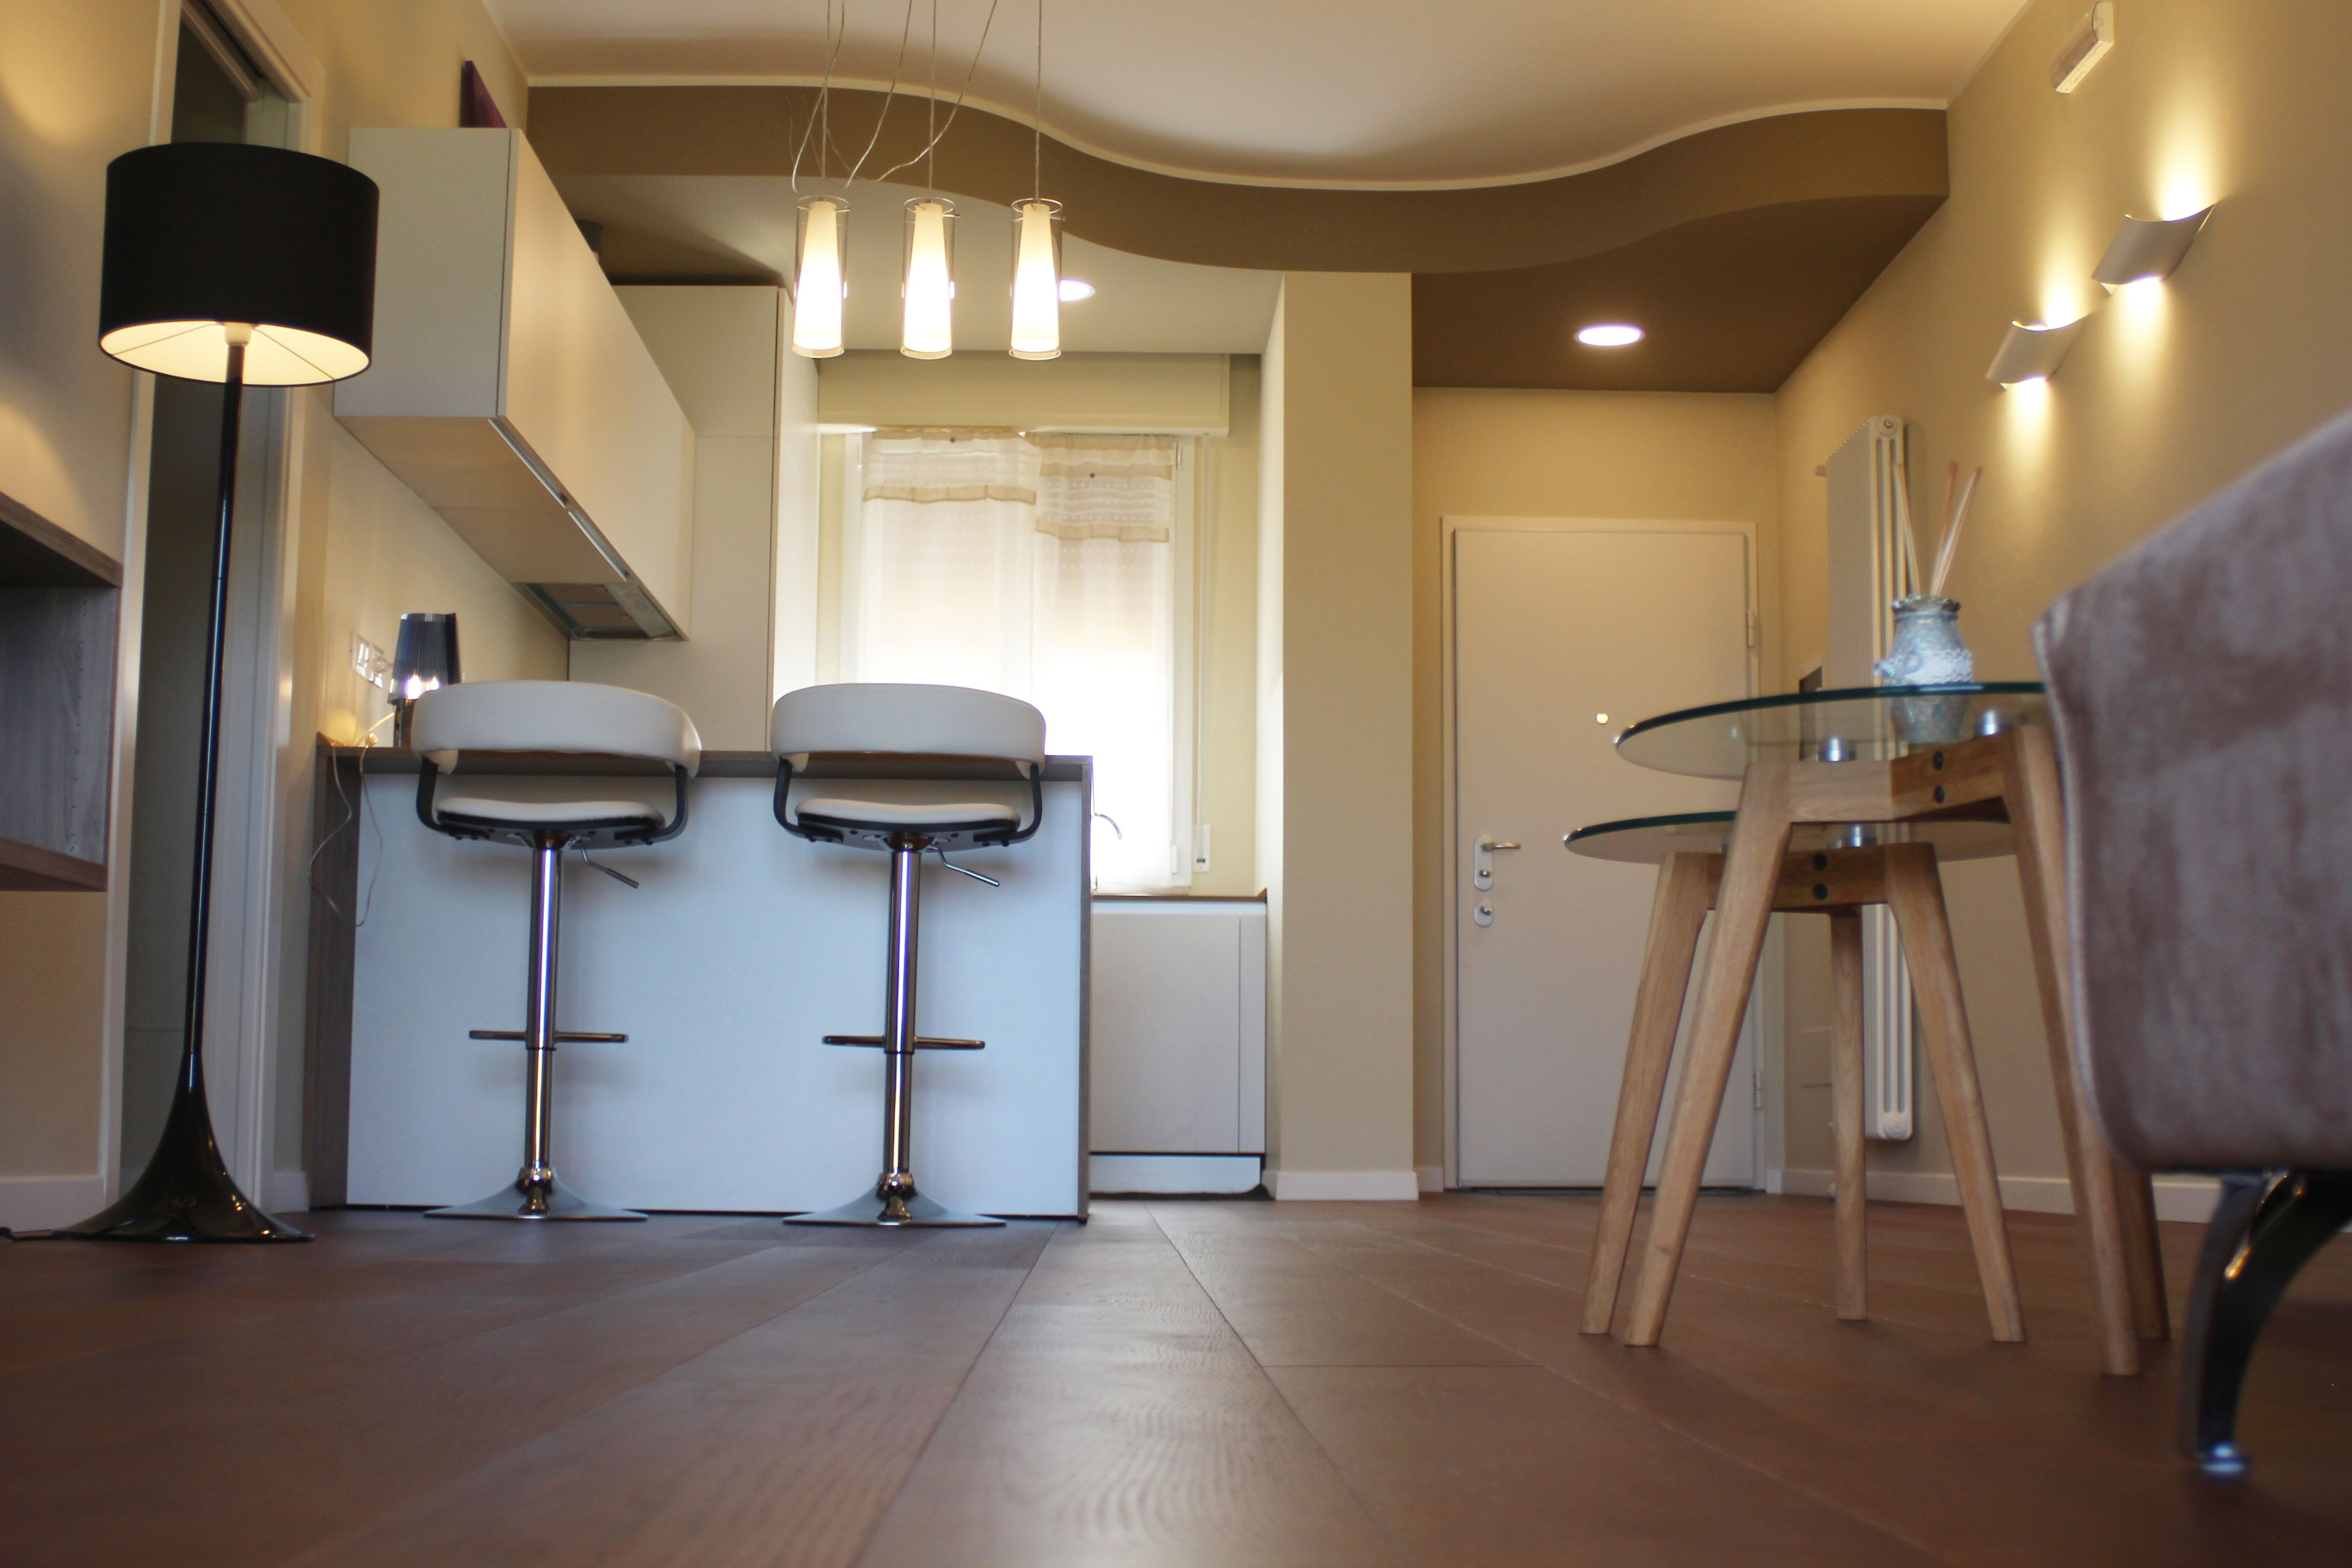 Soluzione ingresso cucina, con controsoffitto sagomato per ...